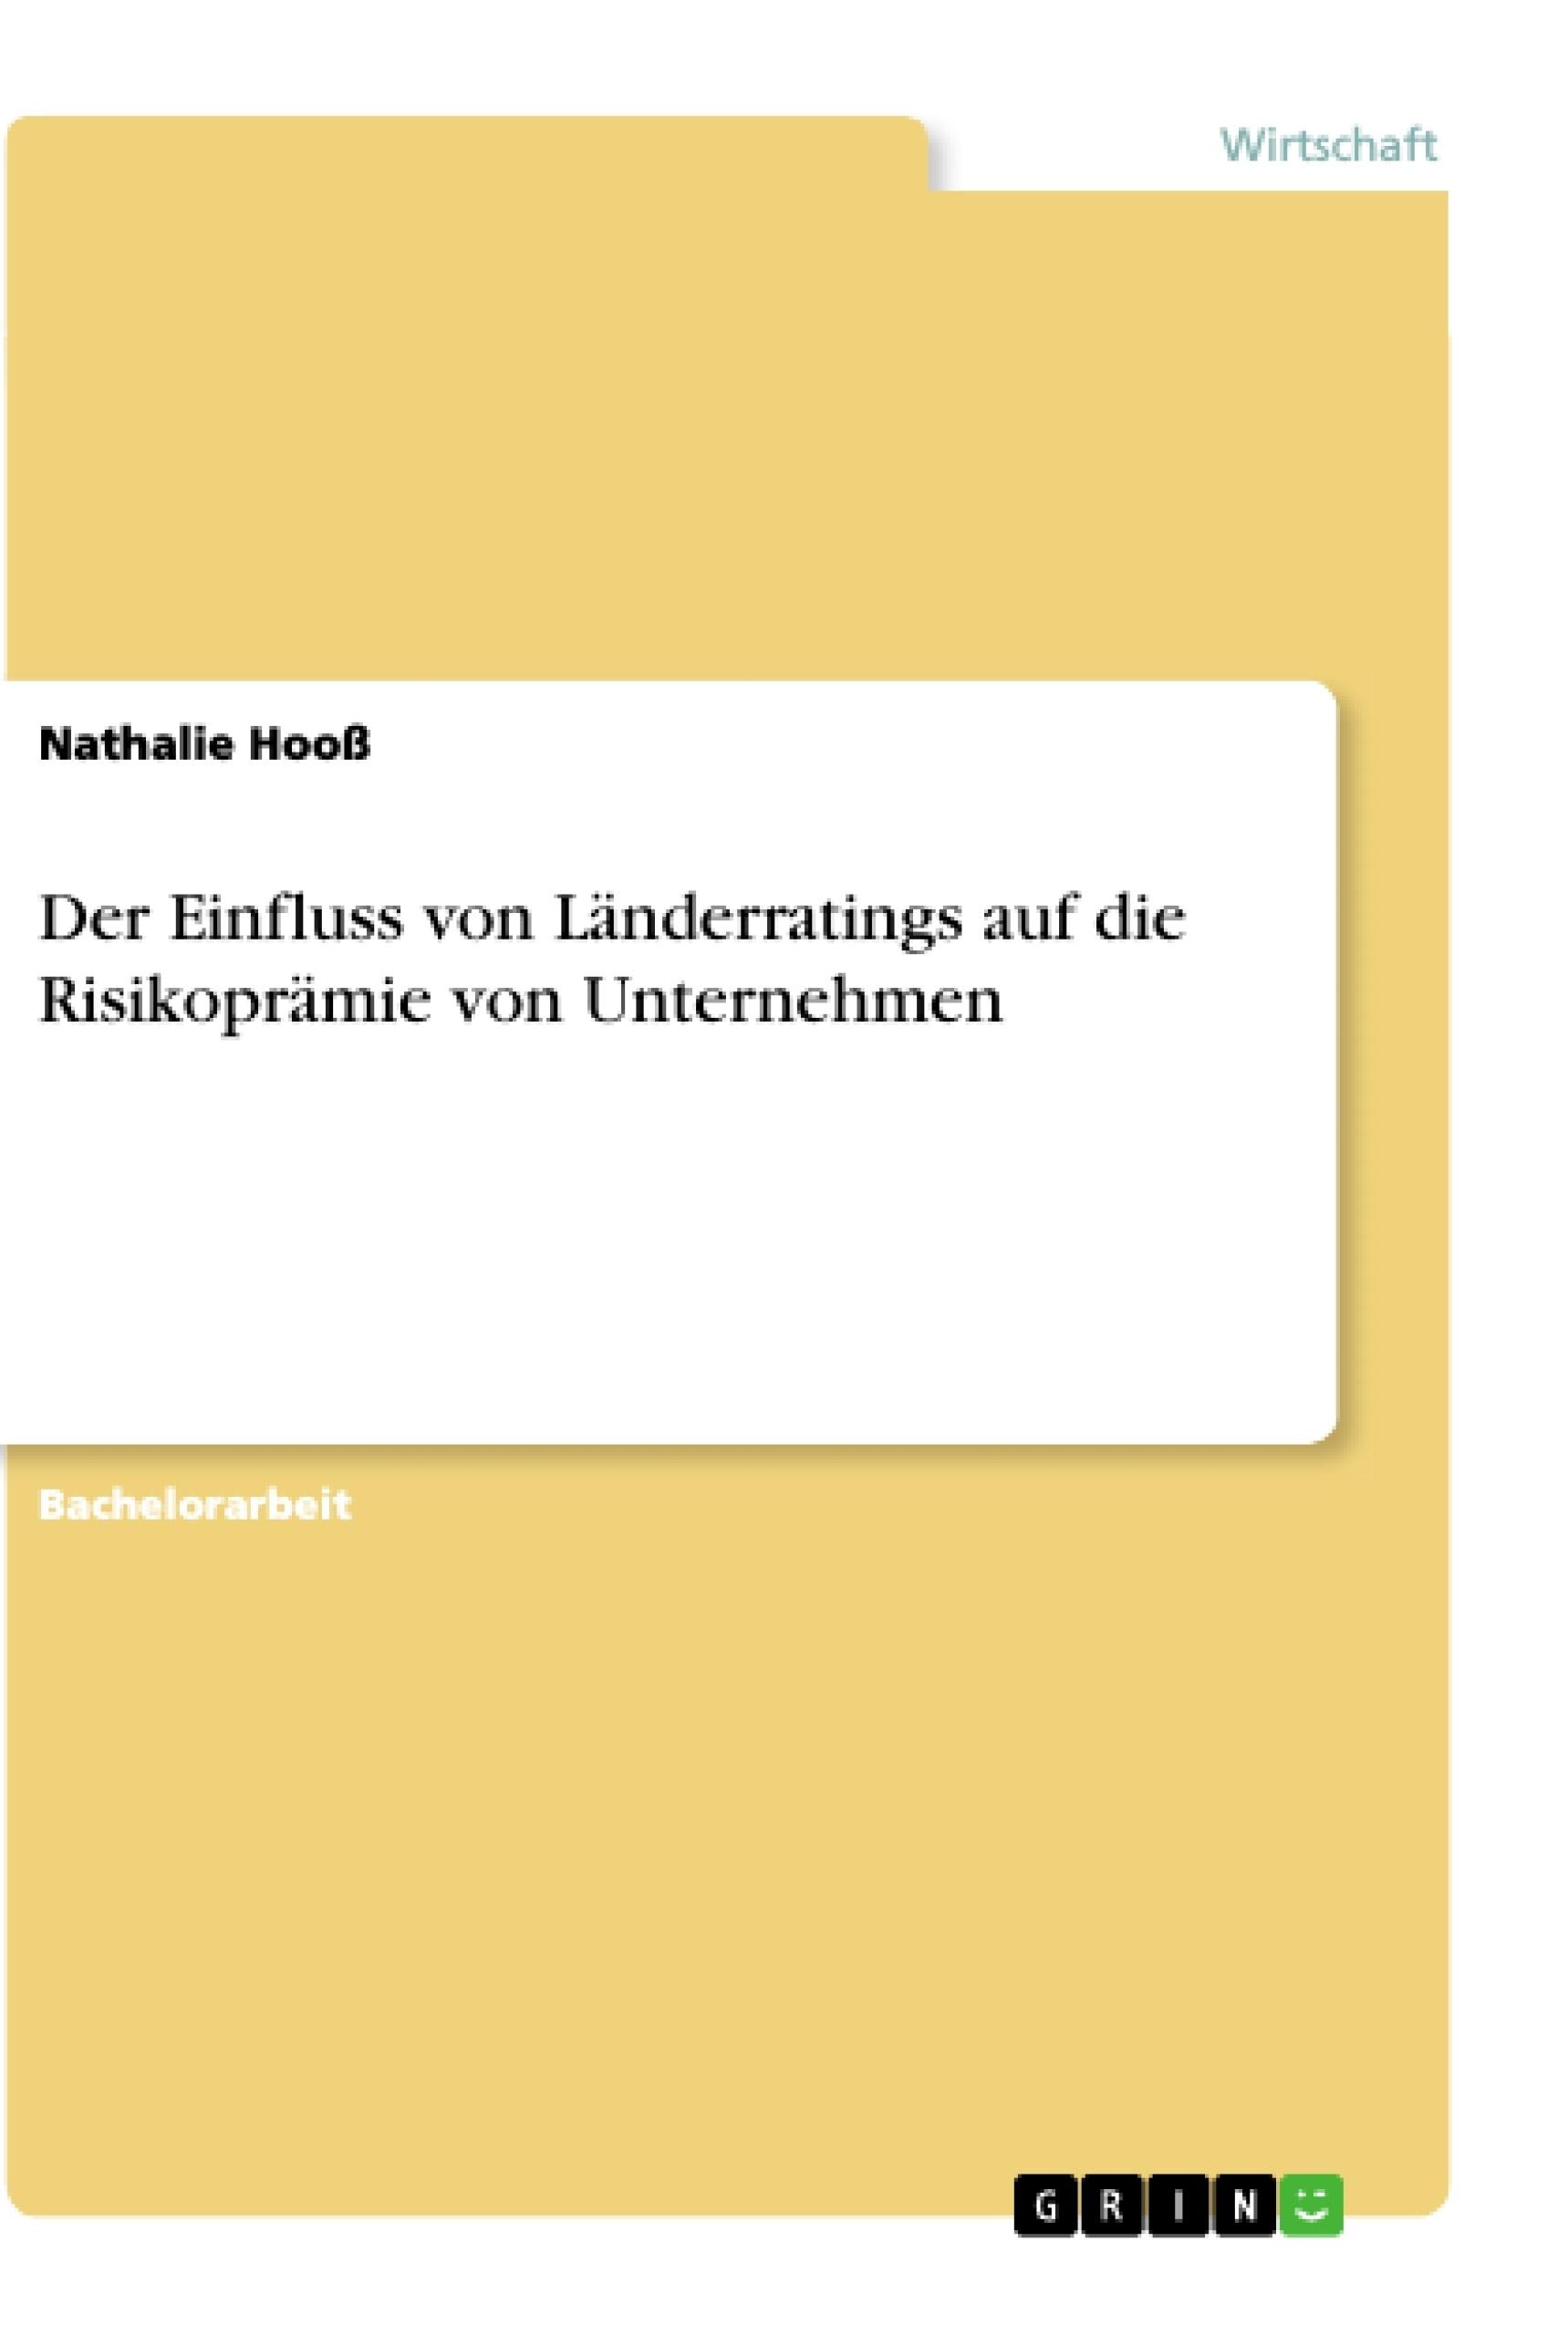 Titel: Der Einfluss von Länderratings auf die Risikoprämie von Unternehmen